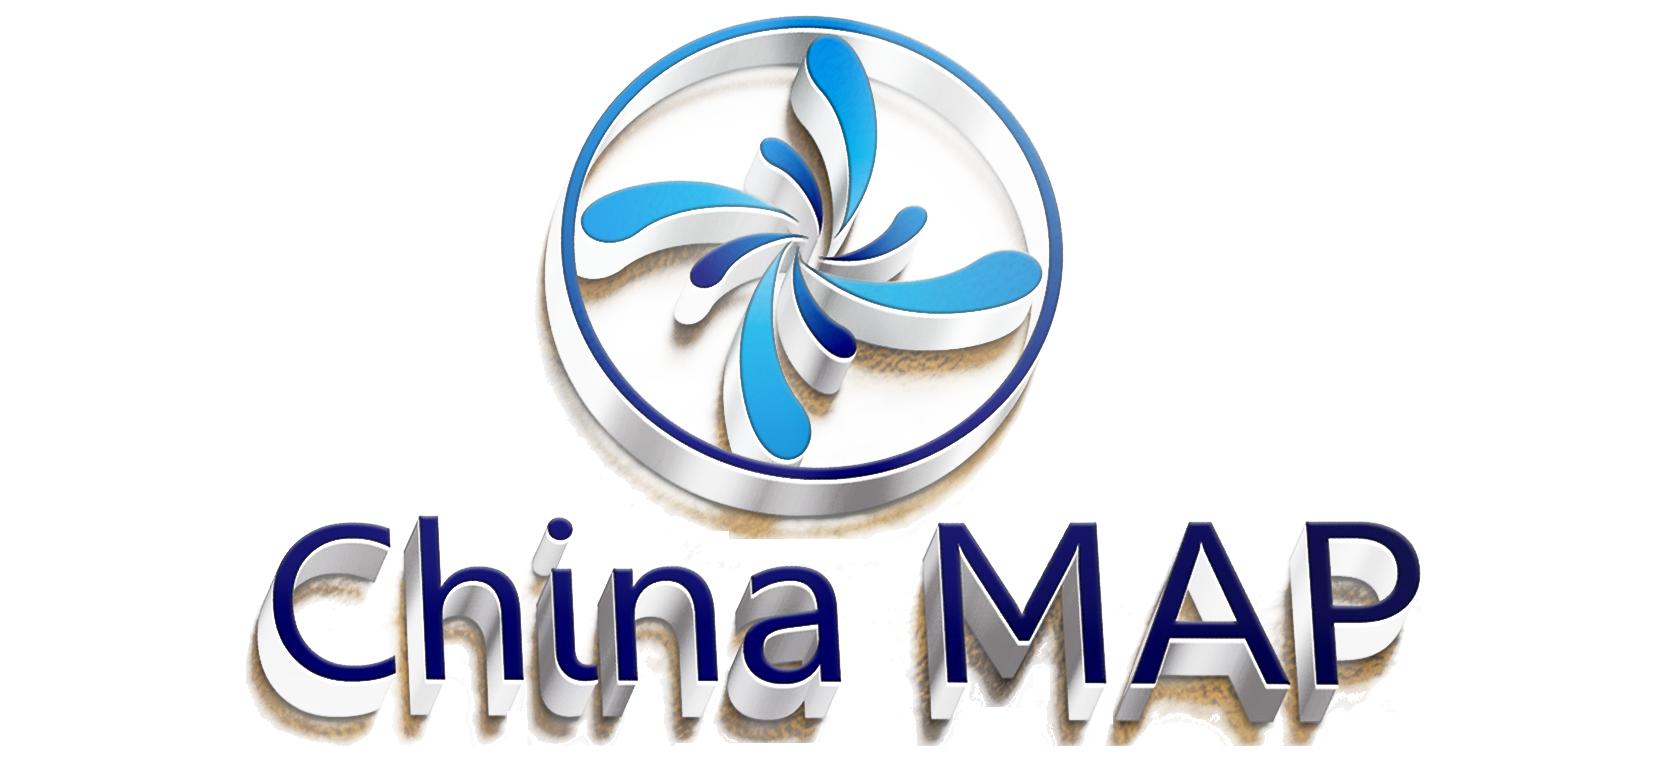 chinaMap-3D